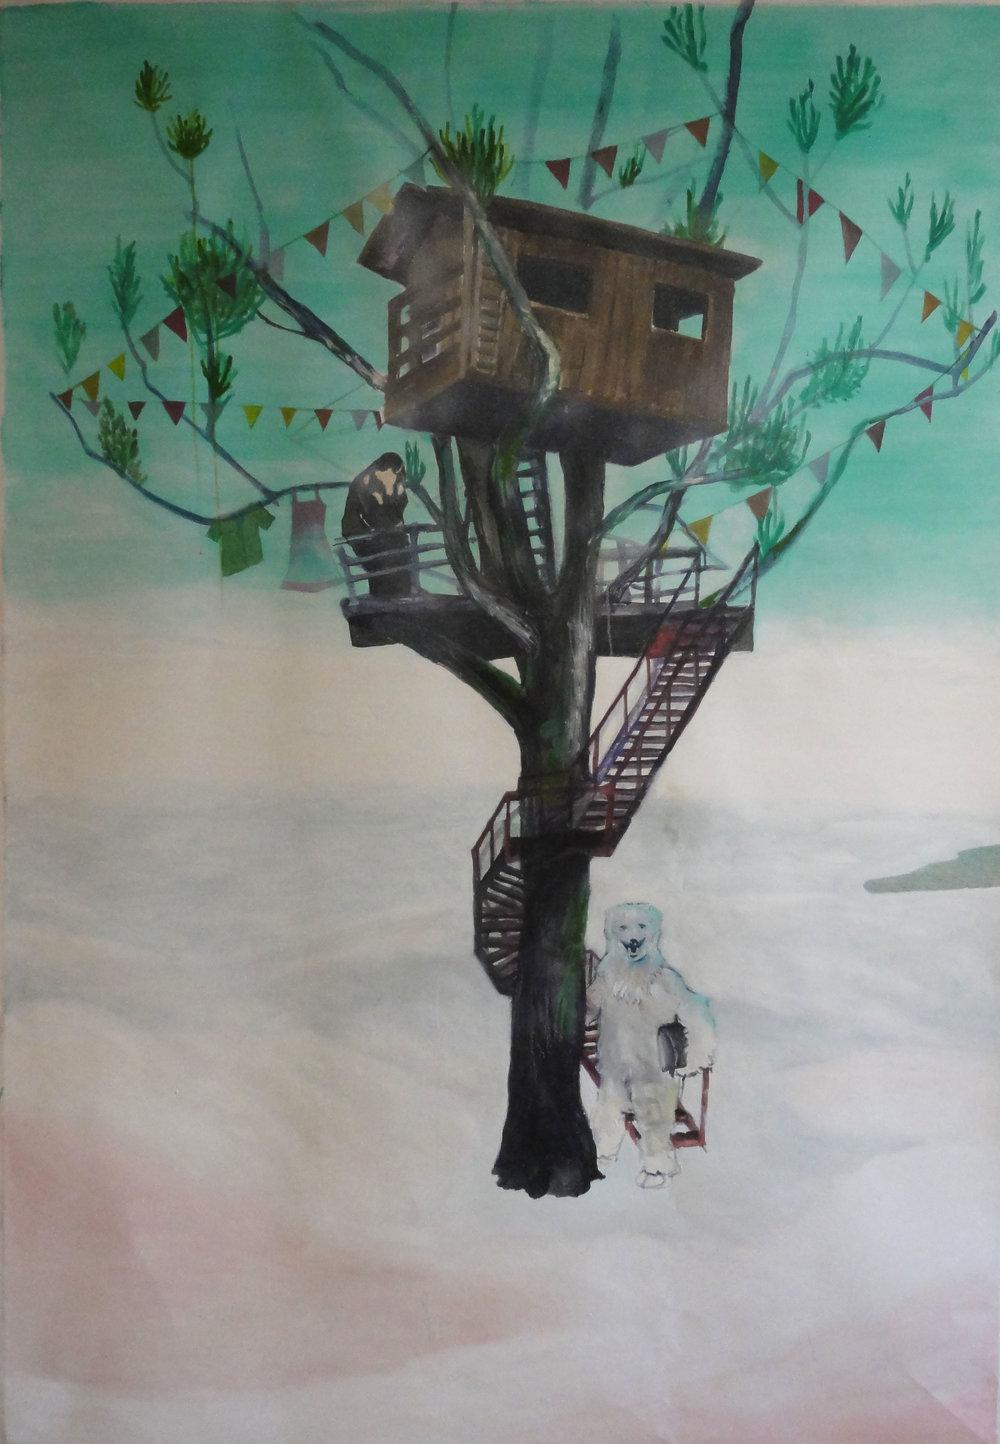 An Icebear a treehouse, flags, a shirt, a dress and the kiss